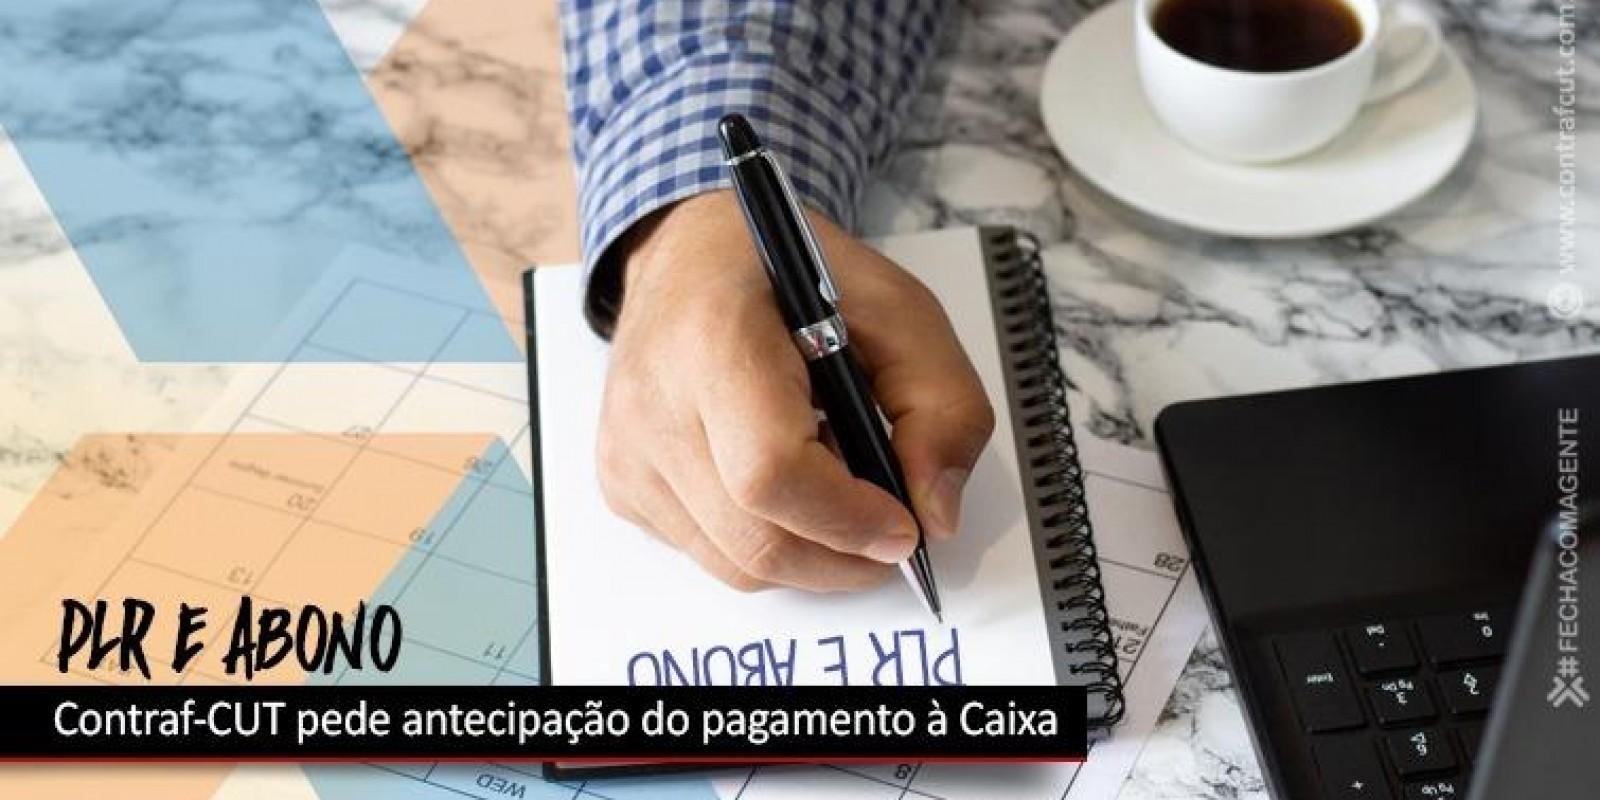 Contraf-CUT pede antecipação da PLR e do abono único à Caixa